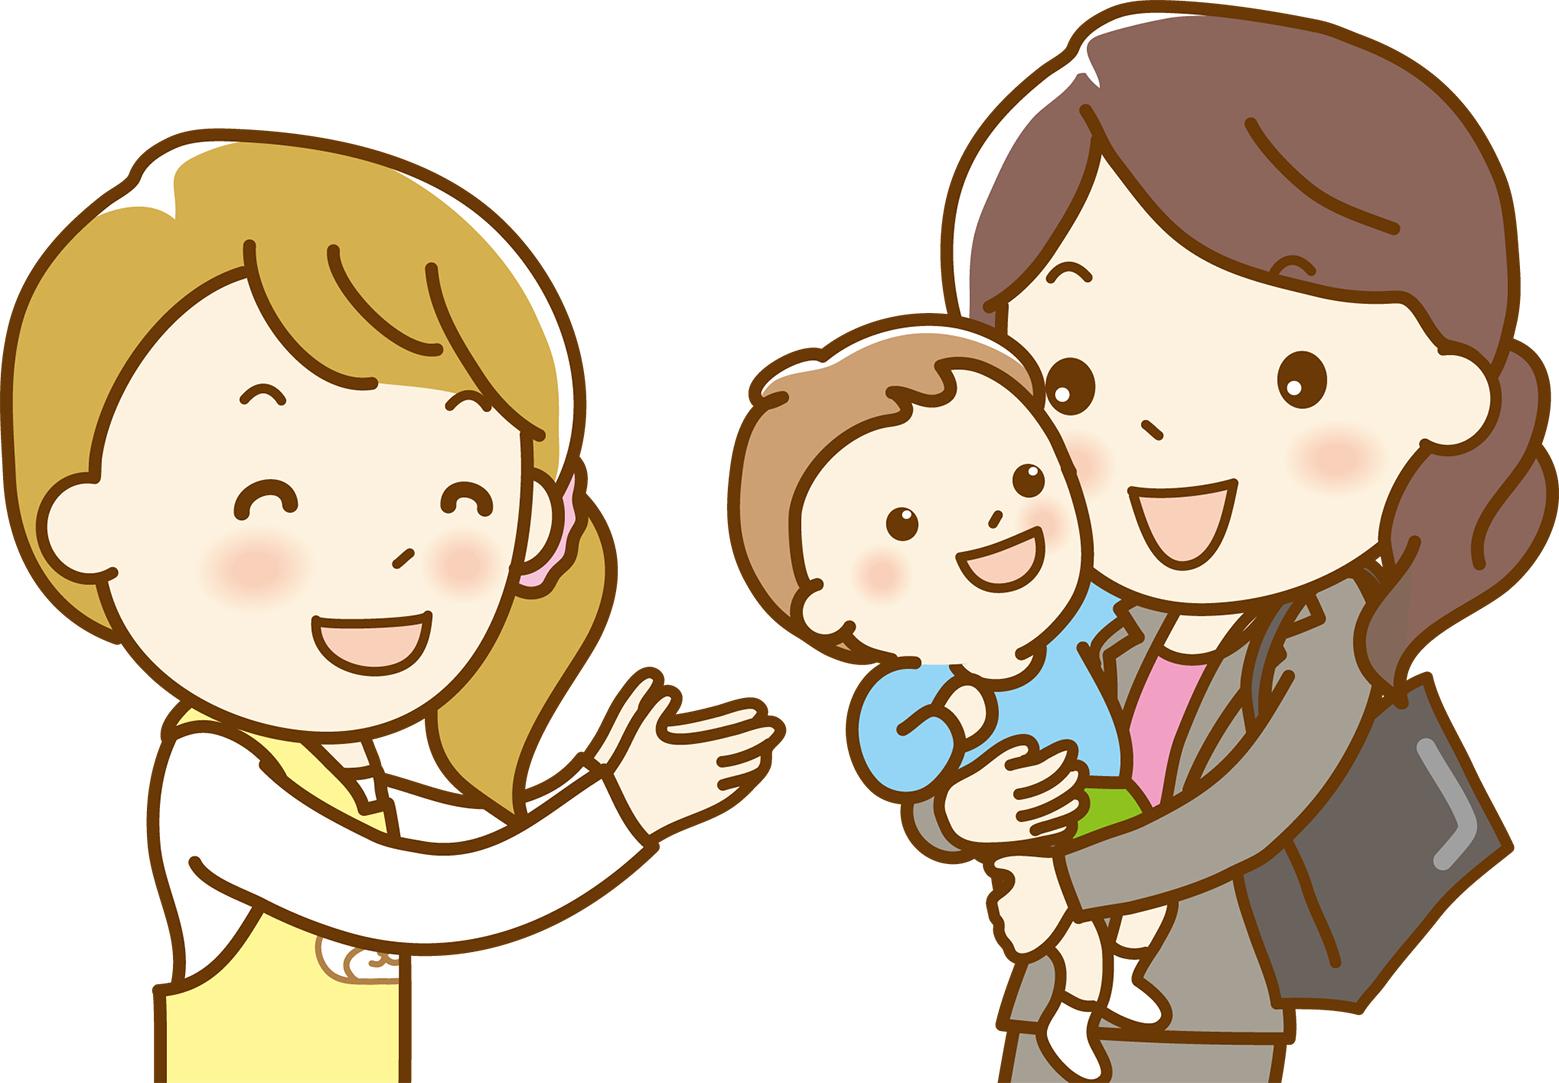 【名東区・調理】Wワーク歓迎!!週1日(水)8:30-14:30のお仕事 *定員15名*